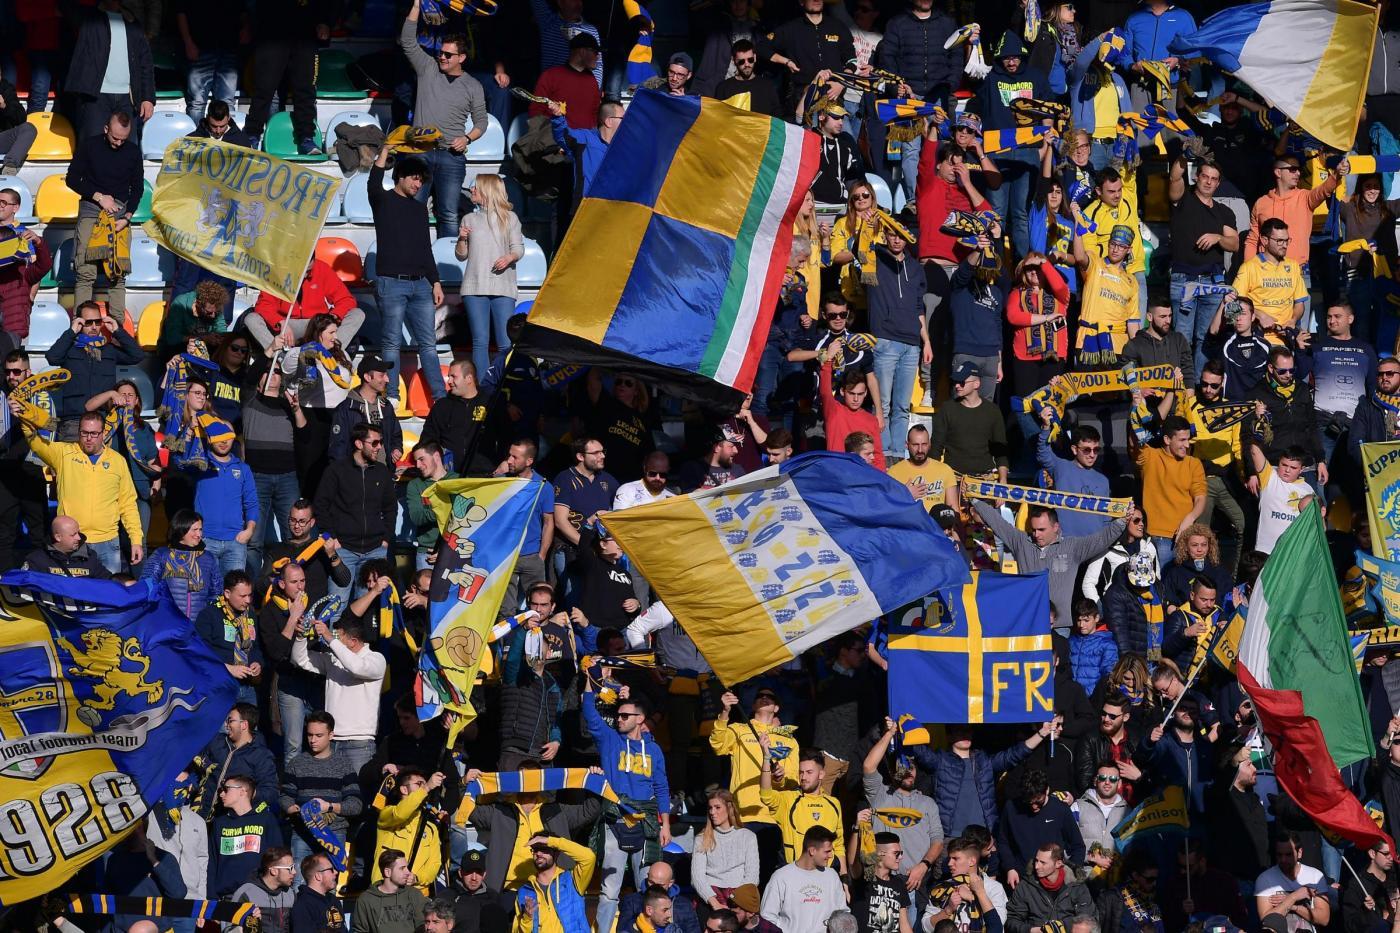 Serie A, Frosinone-Sassuolo domenica 16 dicembre: analisi e pronostico della 16ma giornata del campionato italiano